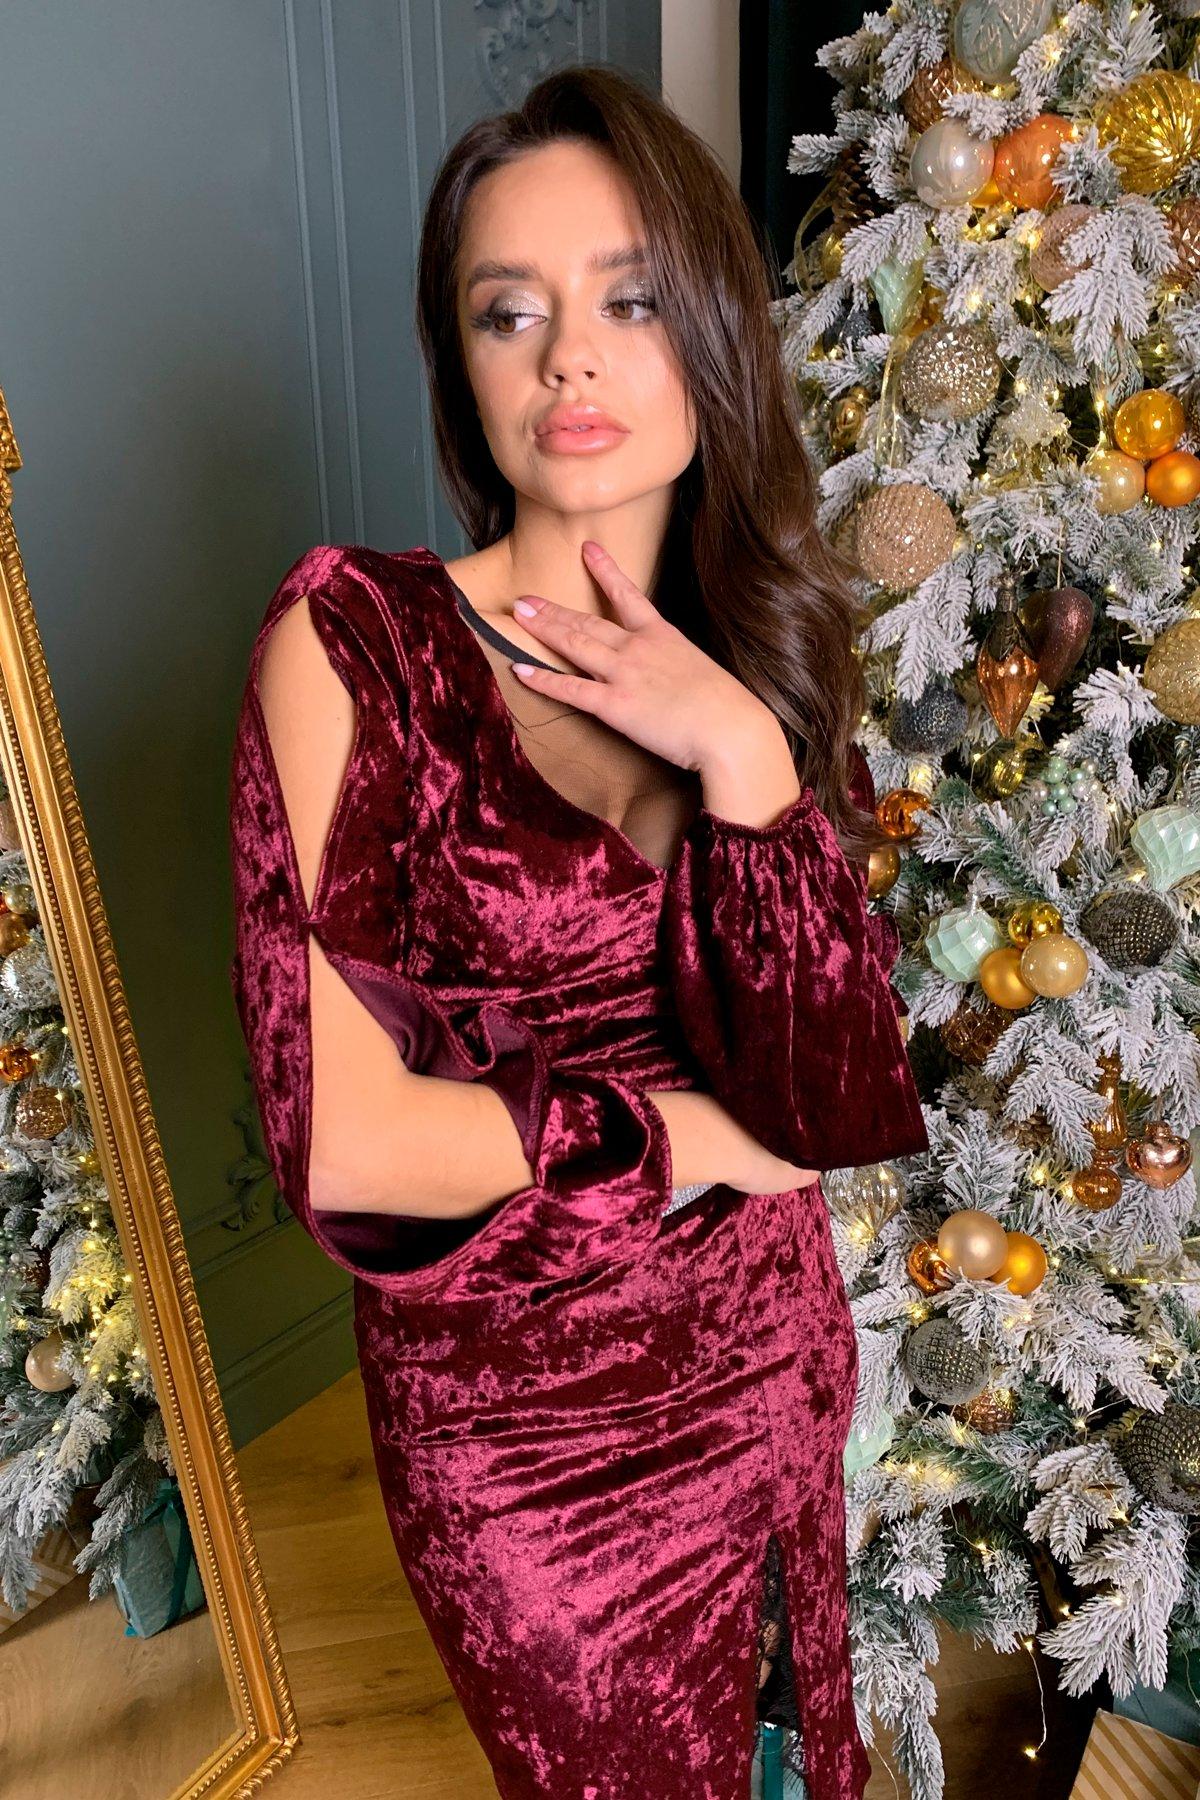 Нарядное велюровое платье Блек 8647 АРТ. 44965 Цвет: Винный - фото 2, интернет магазин tm-modus.ru